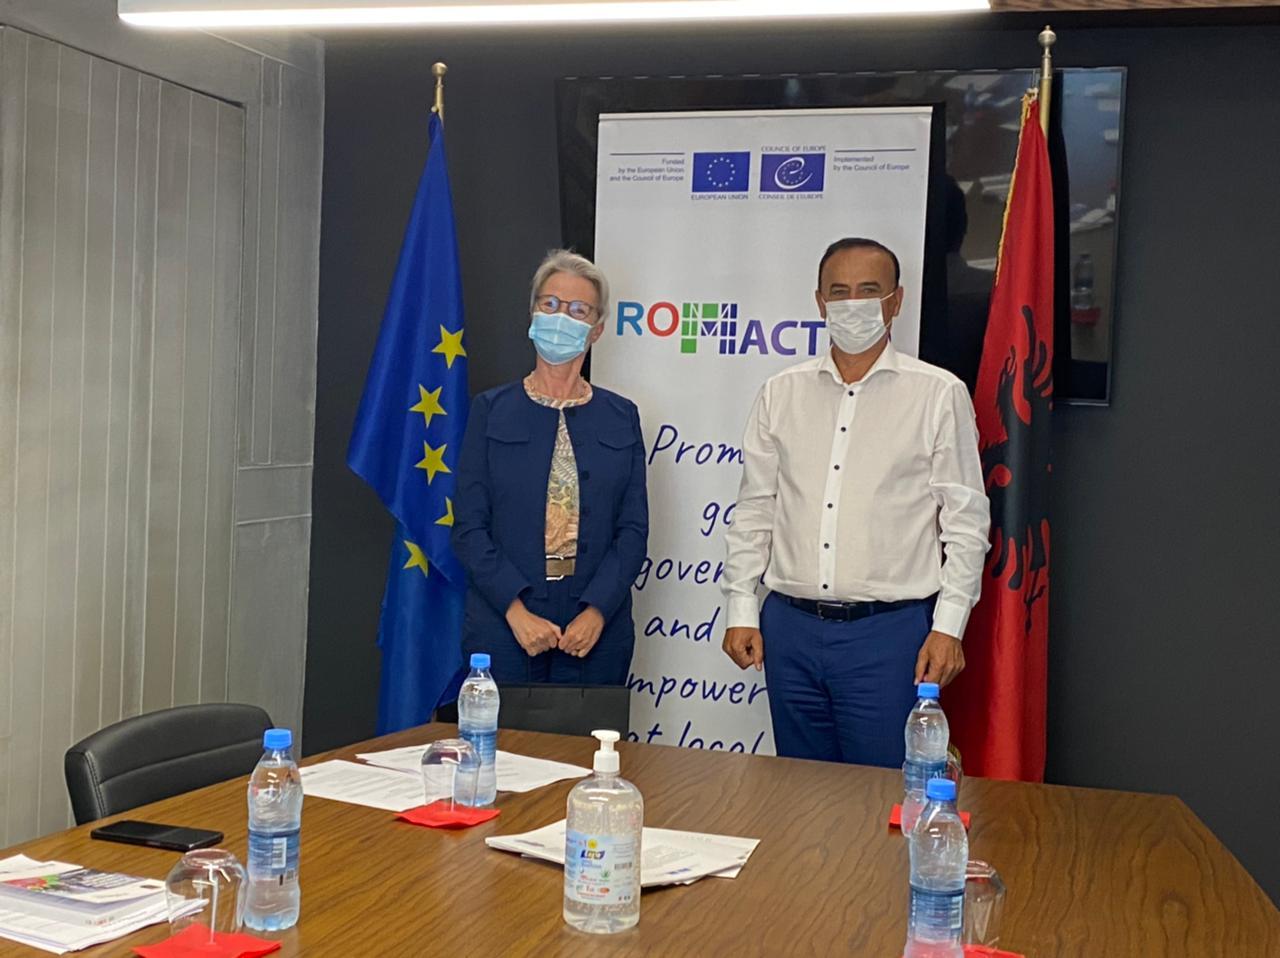 ROMACTED, Kreu i Zyrës së Këshillit të Evropës, Znj. Jutta Gützkow takon z. Ilir Xhakolli